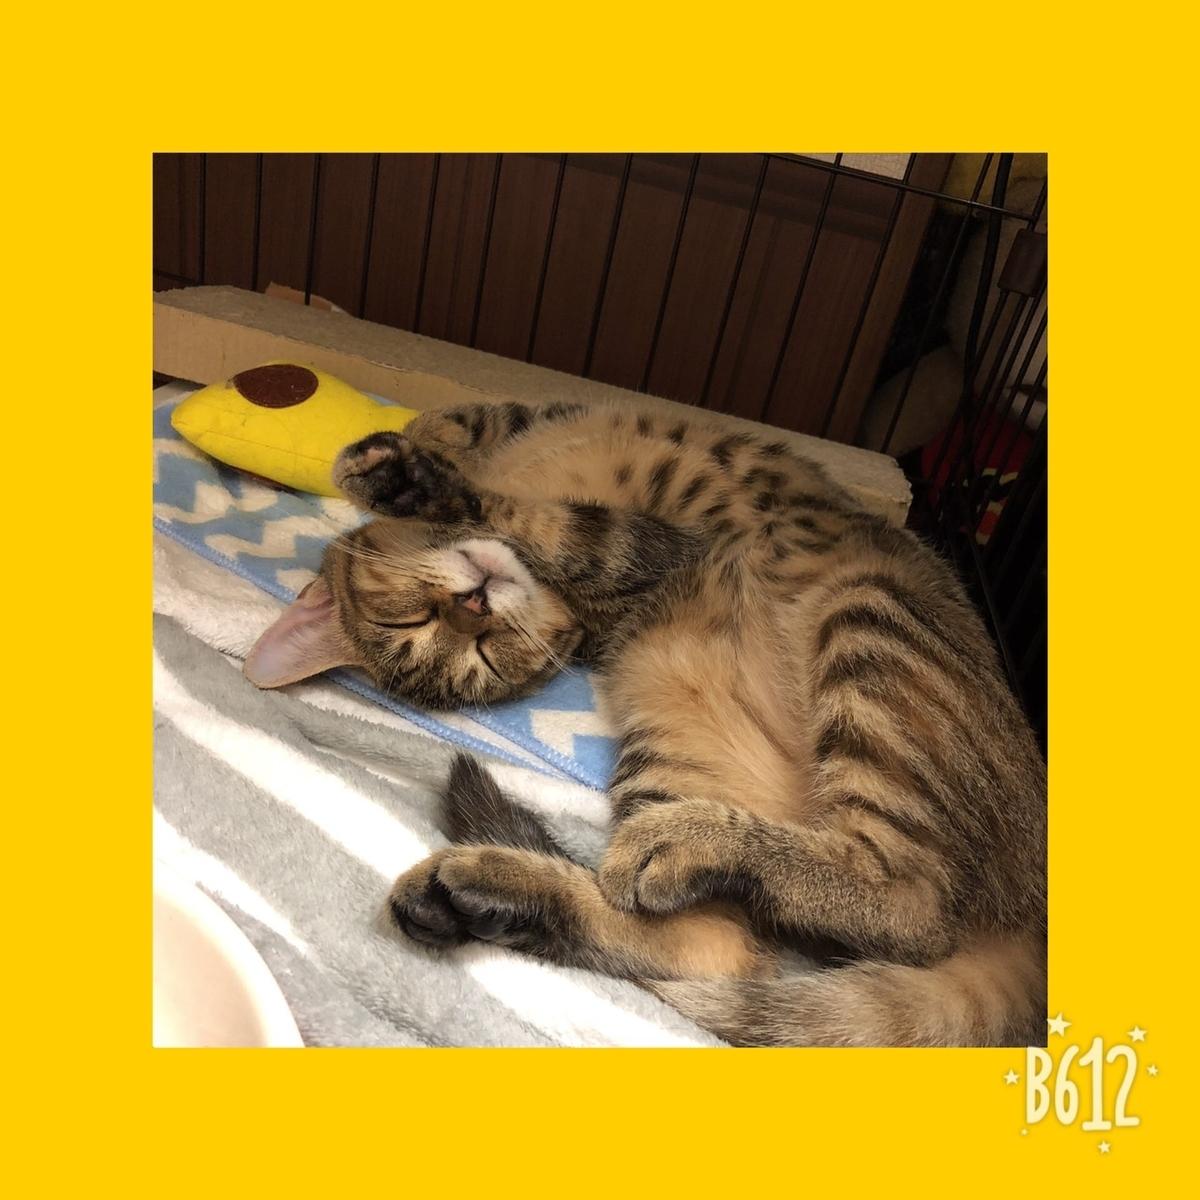 横になって寝ている猫